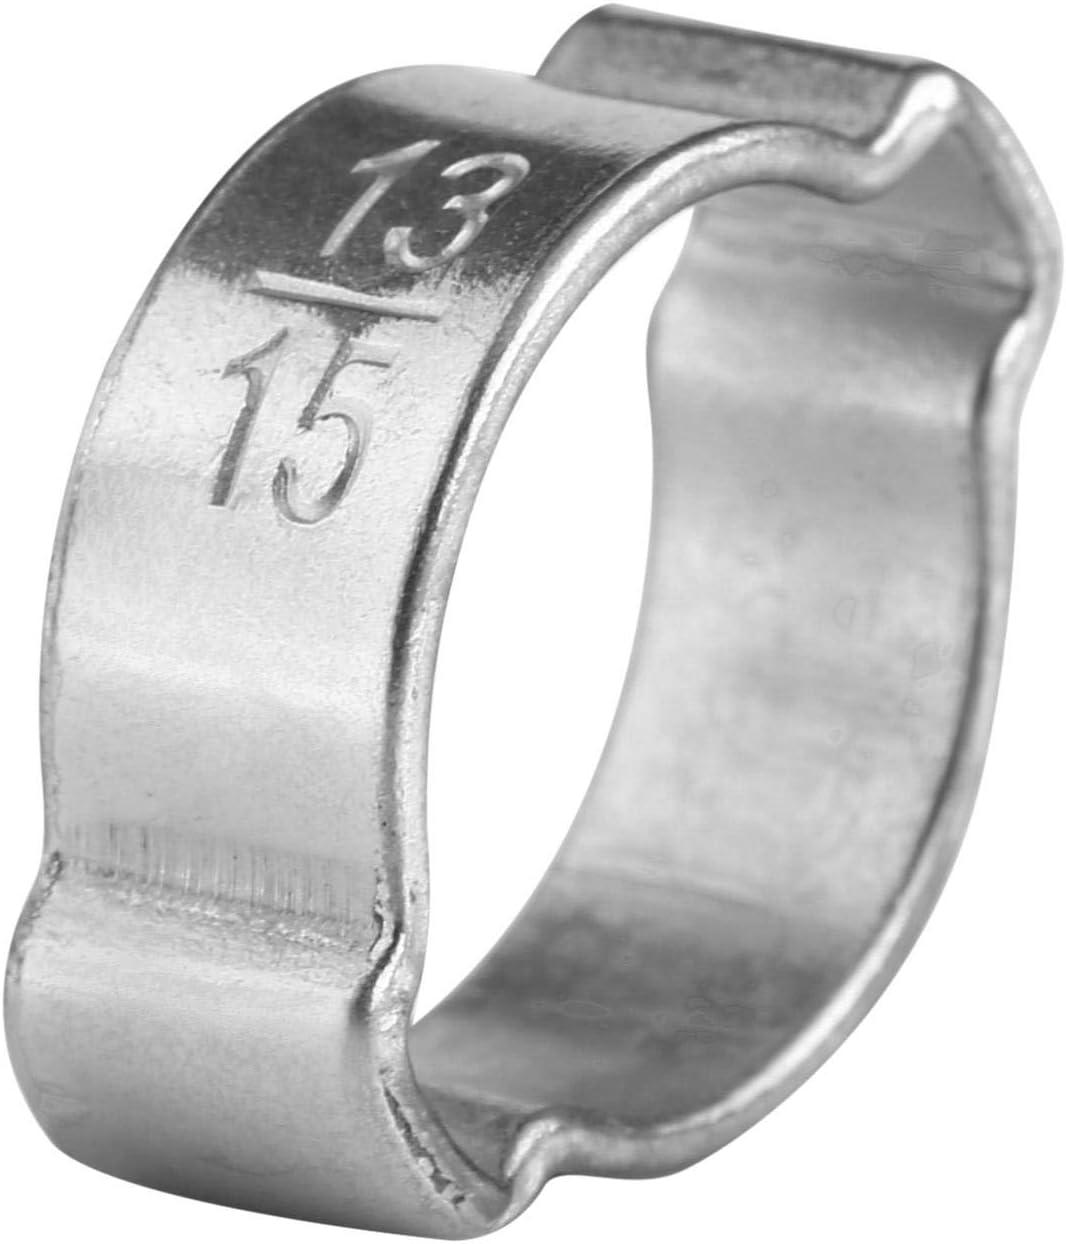 15-18MM Colliers de Serrage Wendry Colliers de Serrage 5-23 mm pour Tube Colliers doreilles Colliers de Serrage en Acier Inoxydable zingu/é /à Deux Oreilles